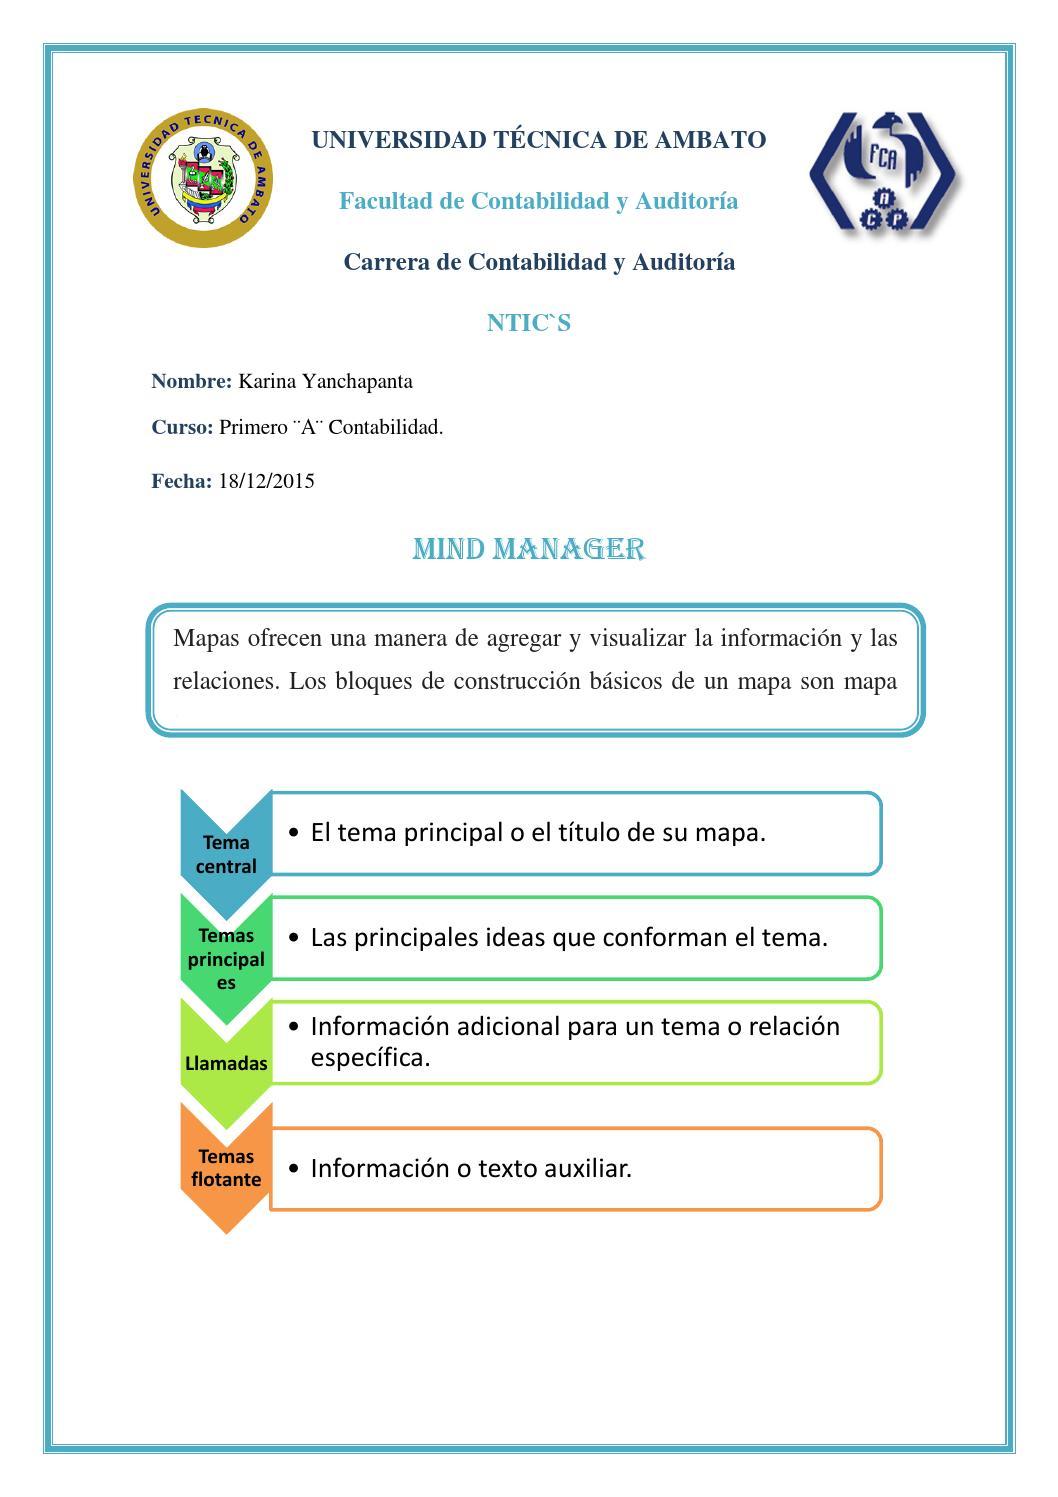 Resumen mindmanager by Karina Yanchapanta - issuu